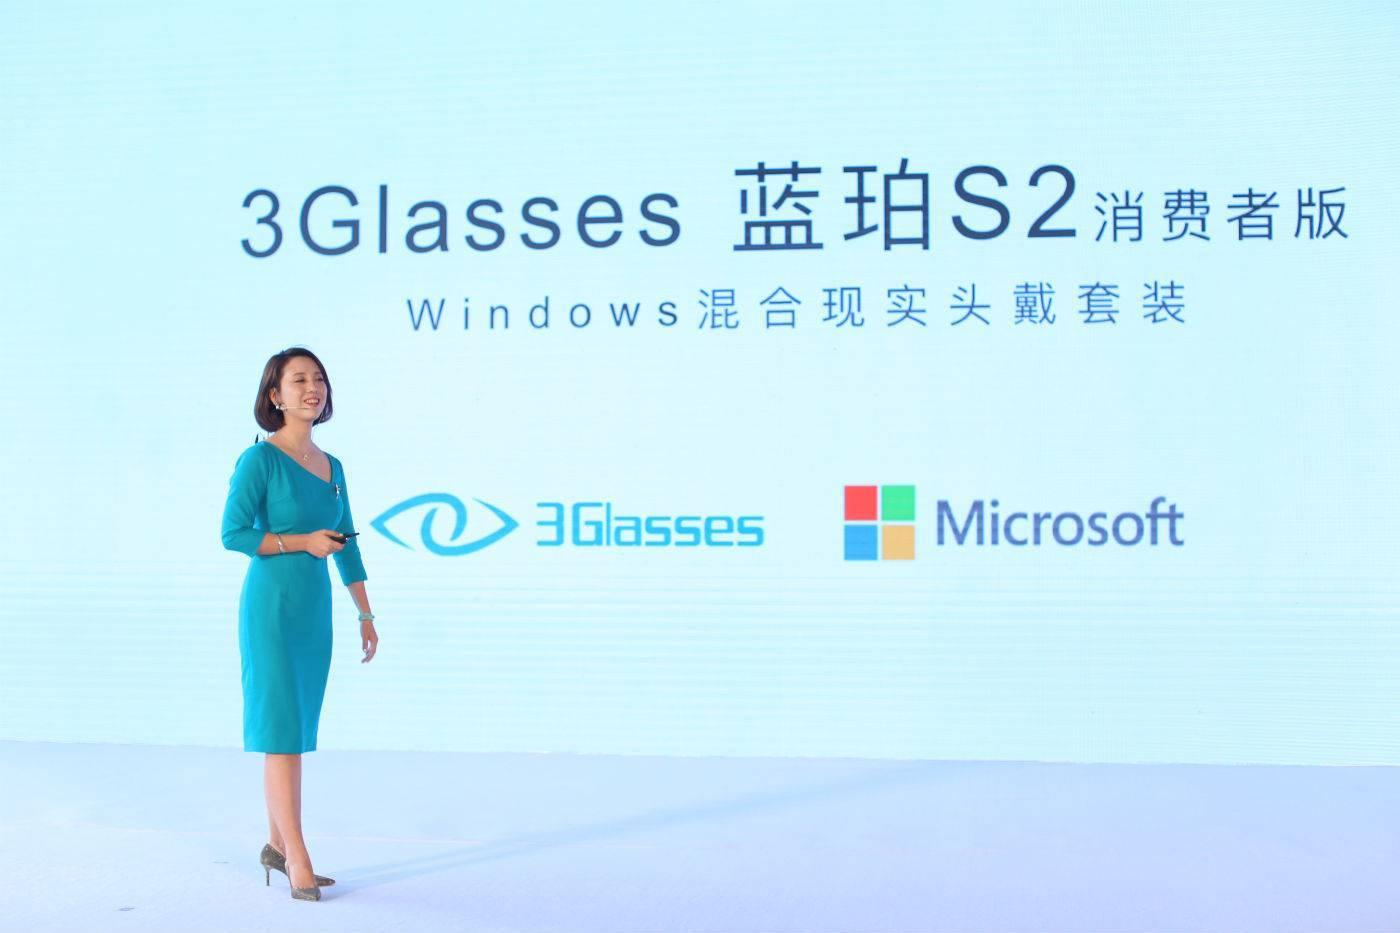 B 端才是希望 3Glasses 如何通过微软 MR 头显实现商业化